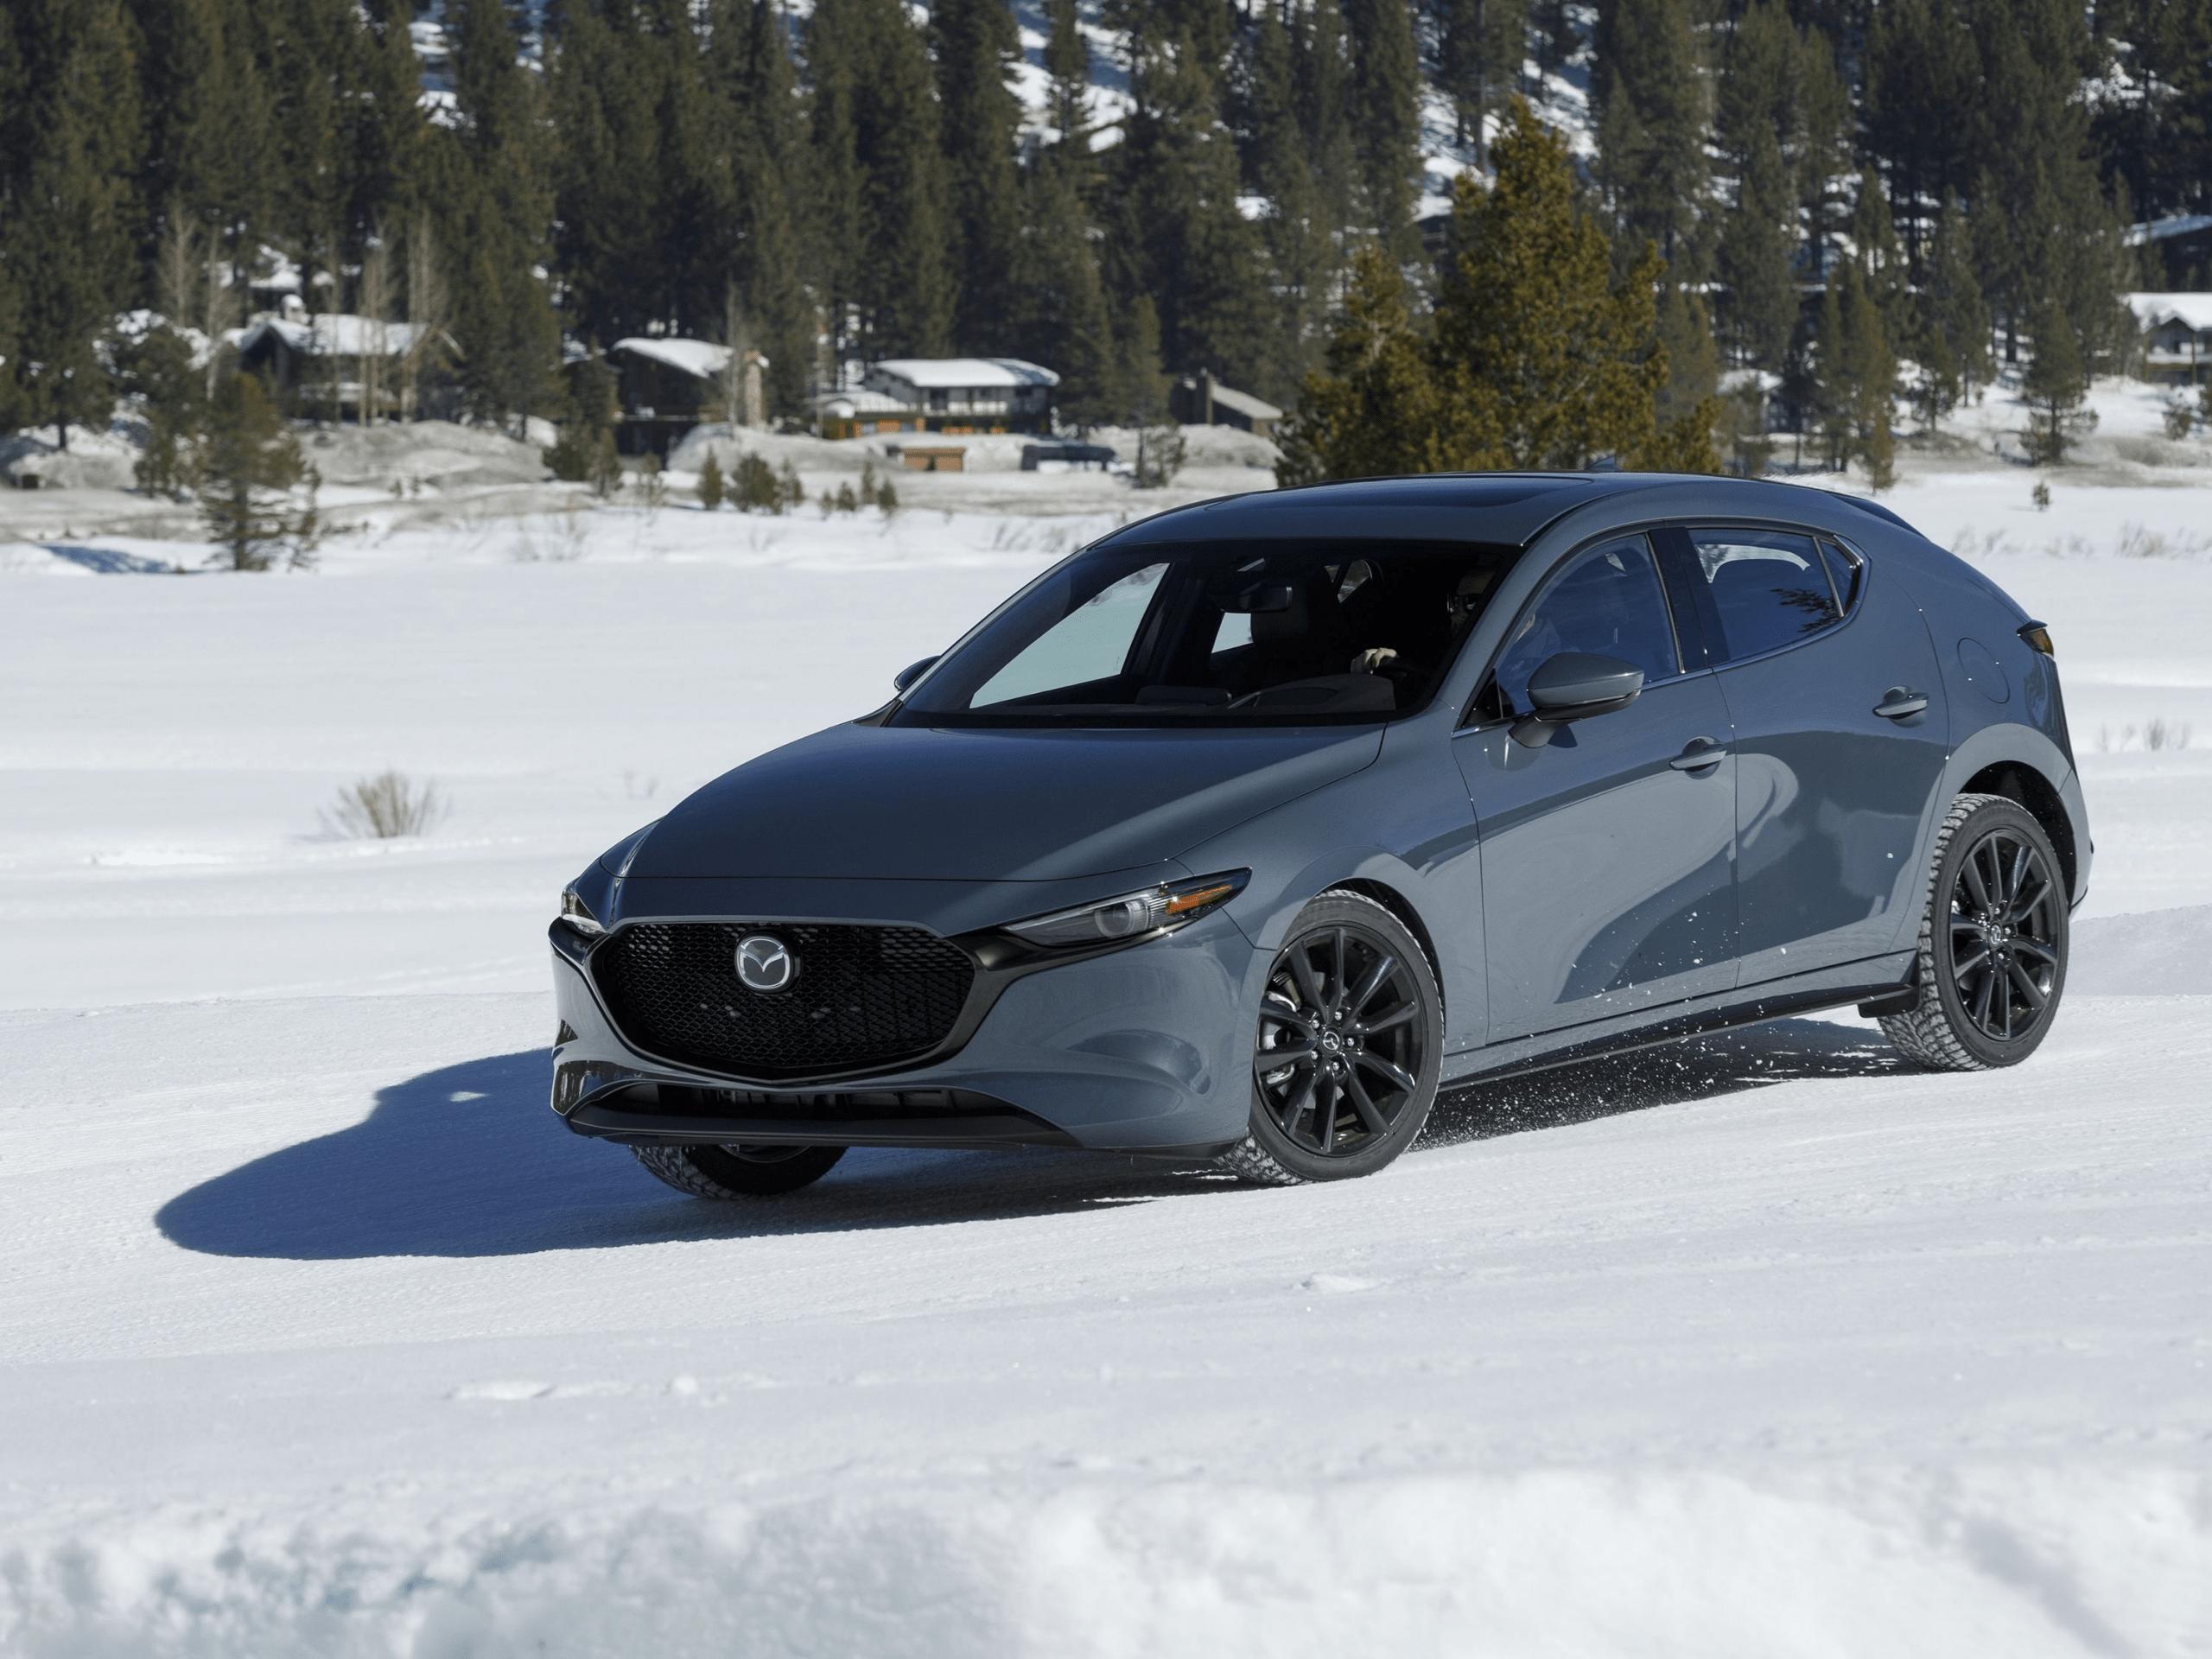 2021 Mazda Cx 9 Rumors Redesign and Review in 2020 | Mazda ...